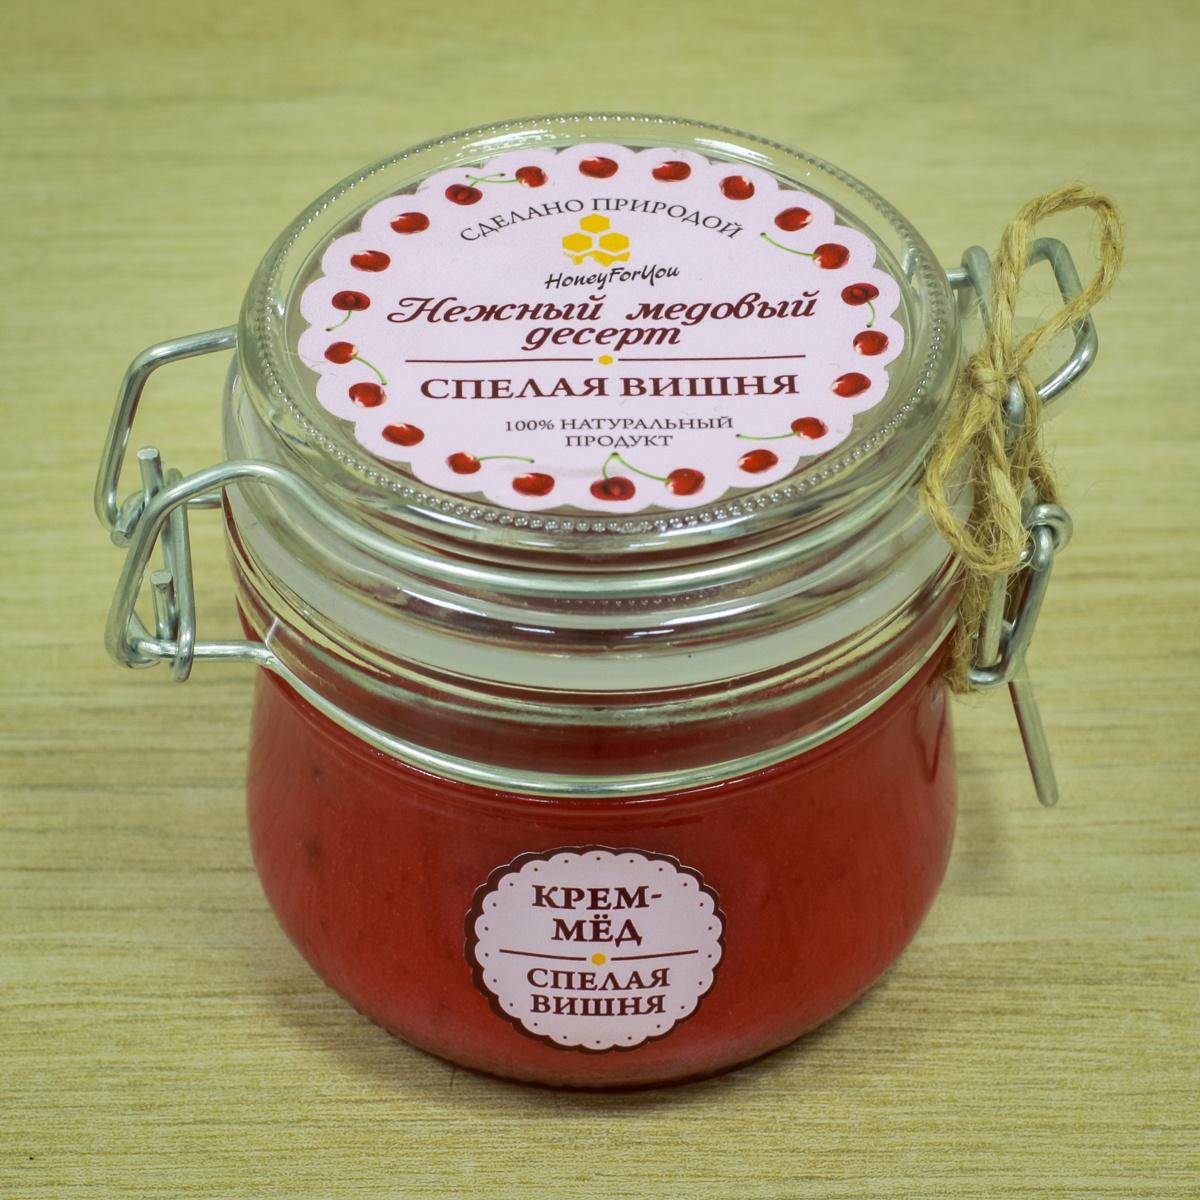 Нежный медовый десерт HoneyForYou Спелая вишня